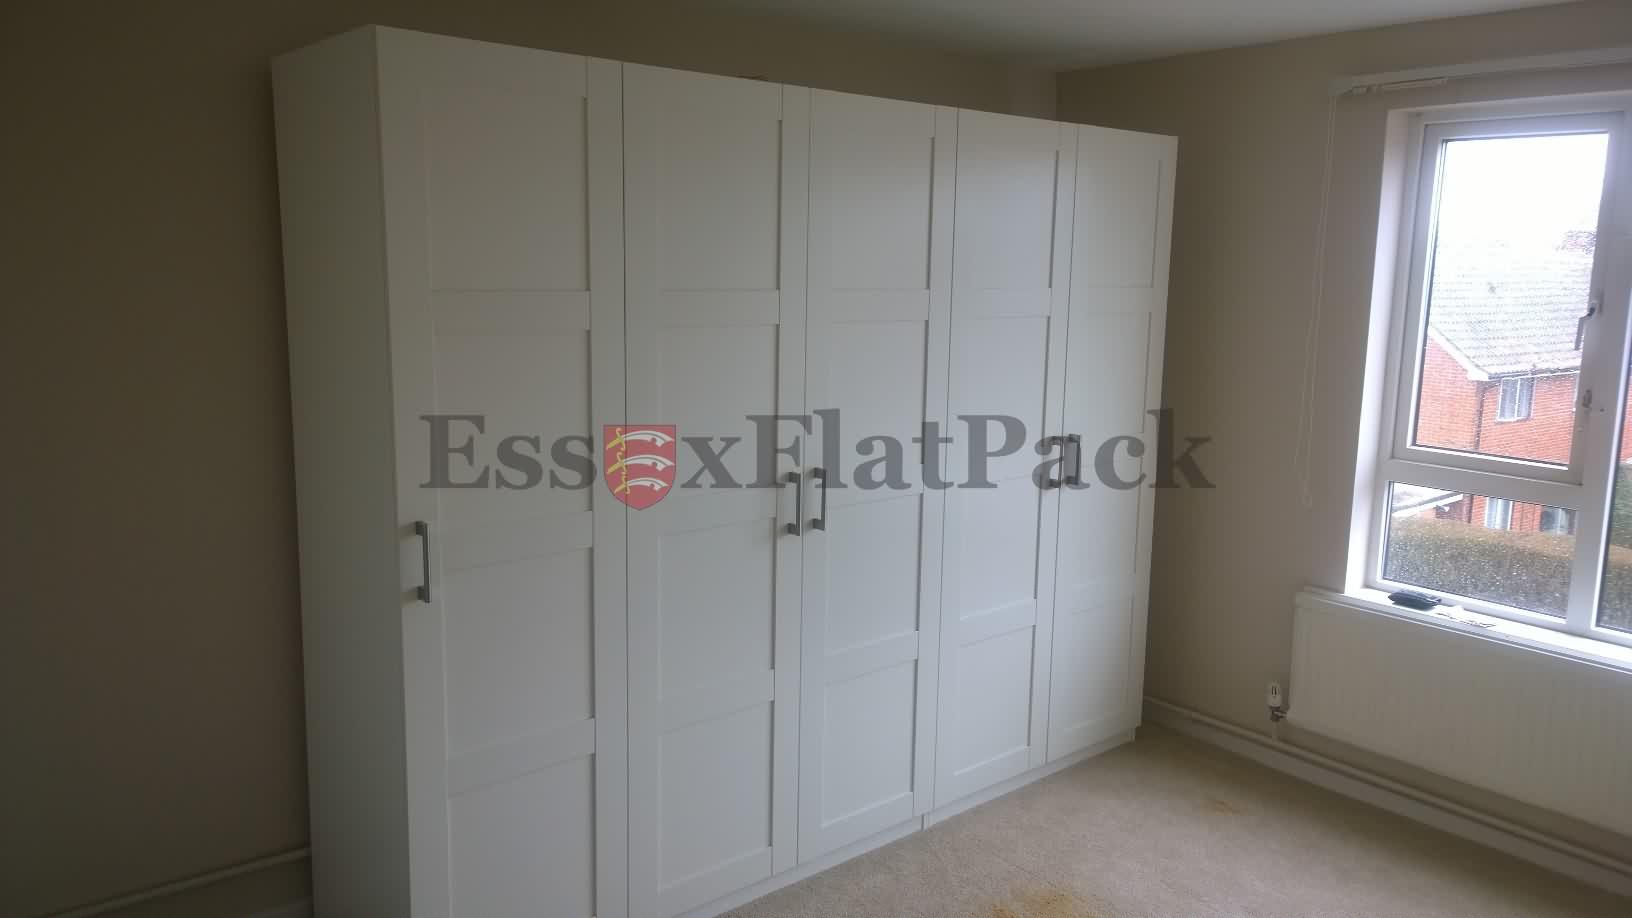 flat furniture. Essexflatpack-furniture-20150226130646.jpg Flat Furniture